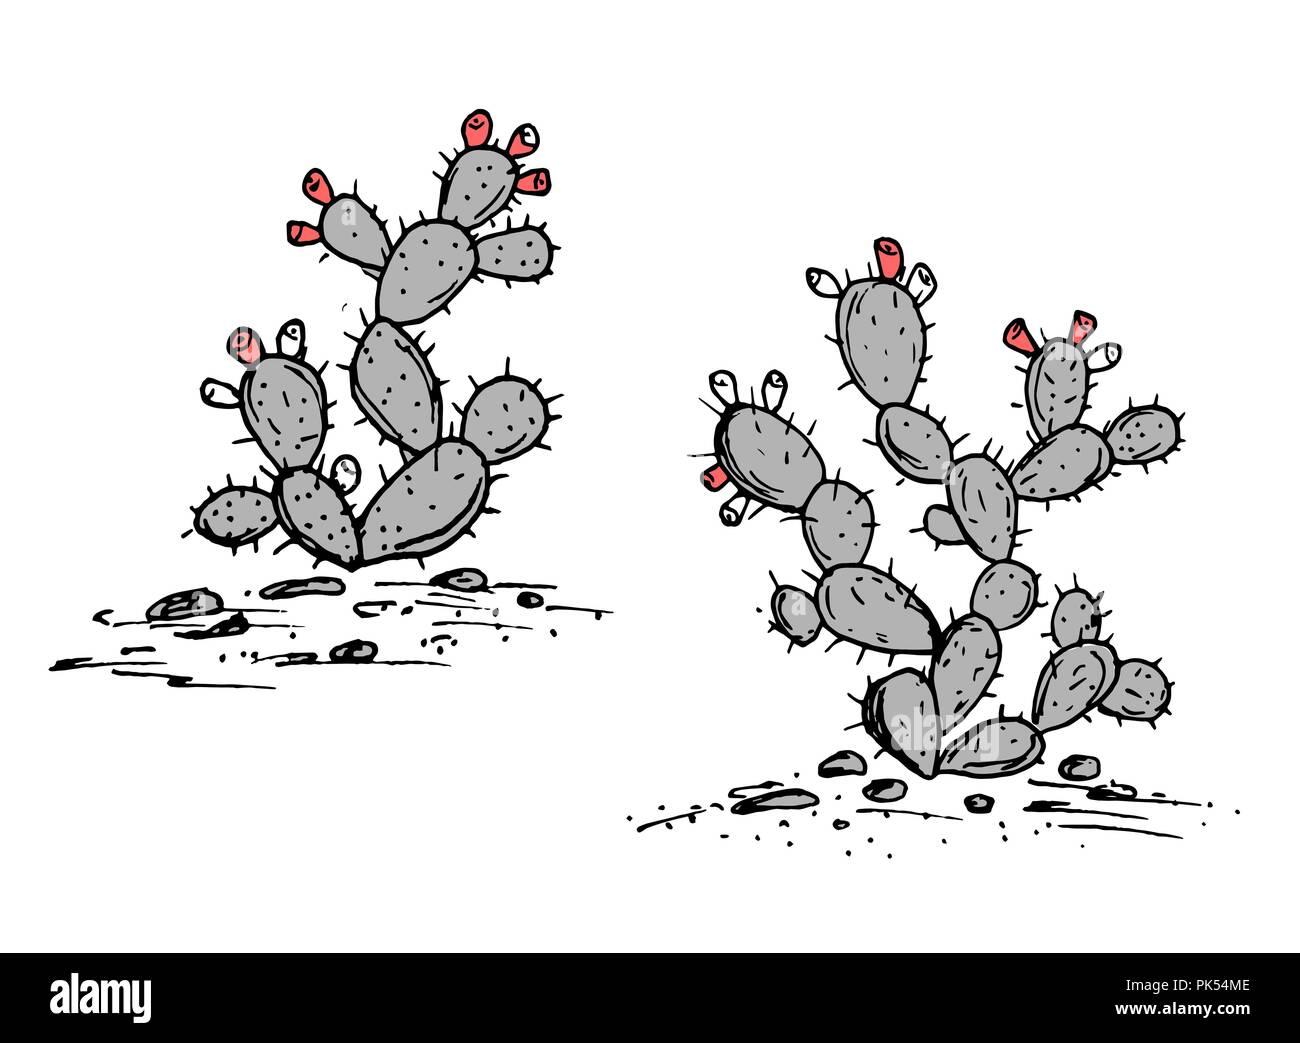 La Tuna Vector Opuntia Ficus Indica Sketch Nopales Con